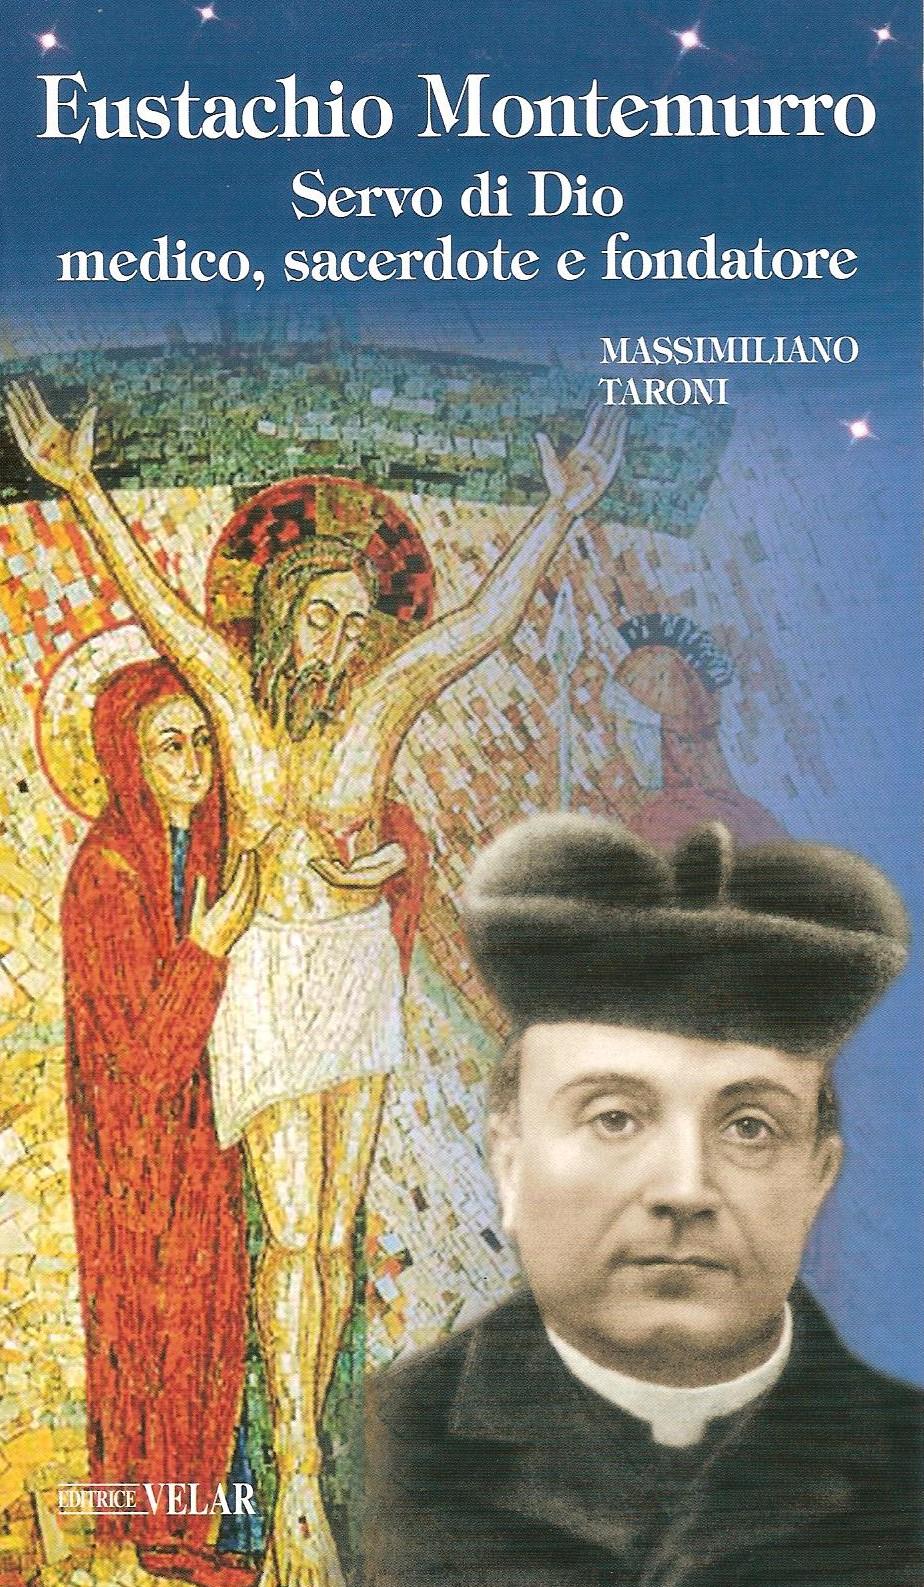 Eustachio Montemurro Servo di Dio, medico, sacerdote e fondatore